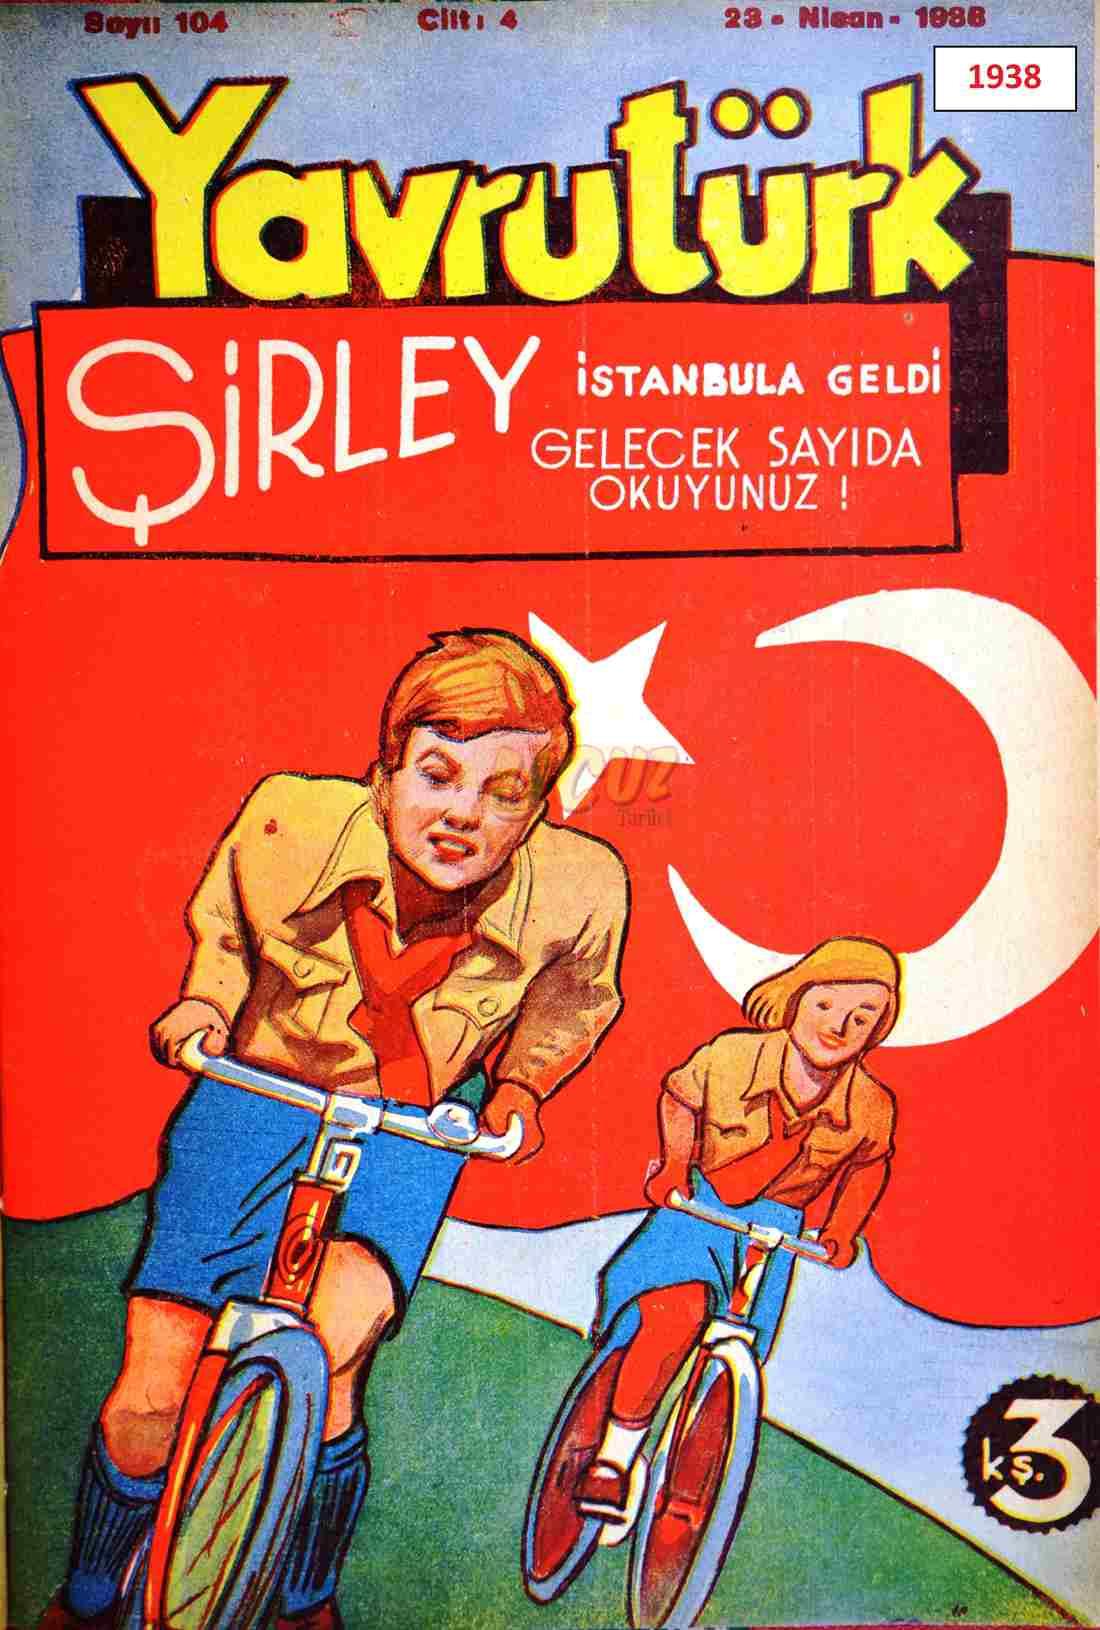 1938 yavrutürk 1